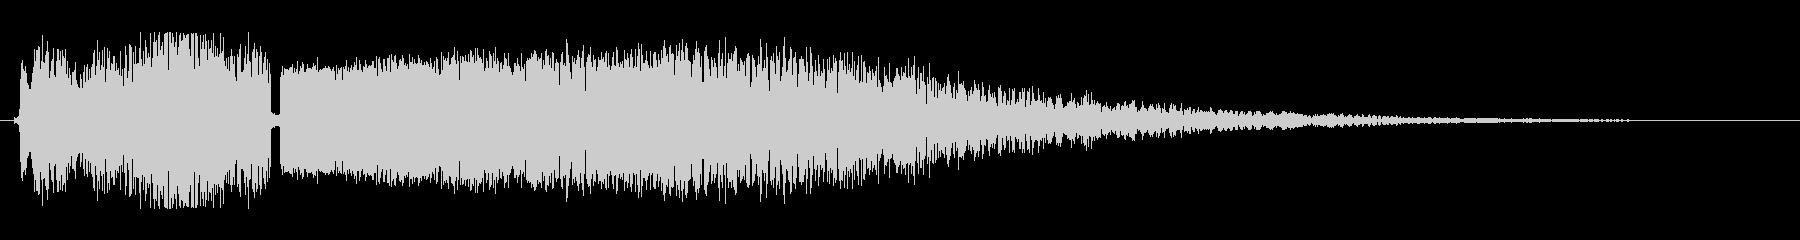 シャキーン(鋭い音)の未再生の波形